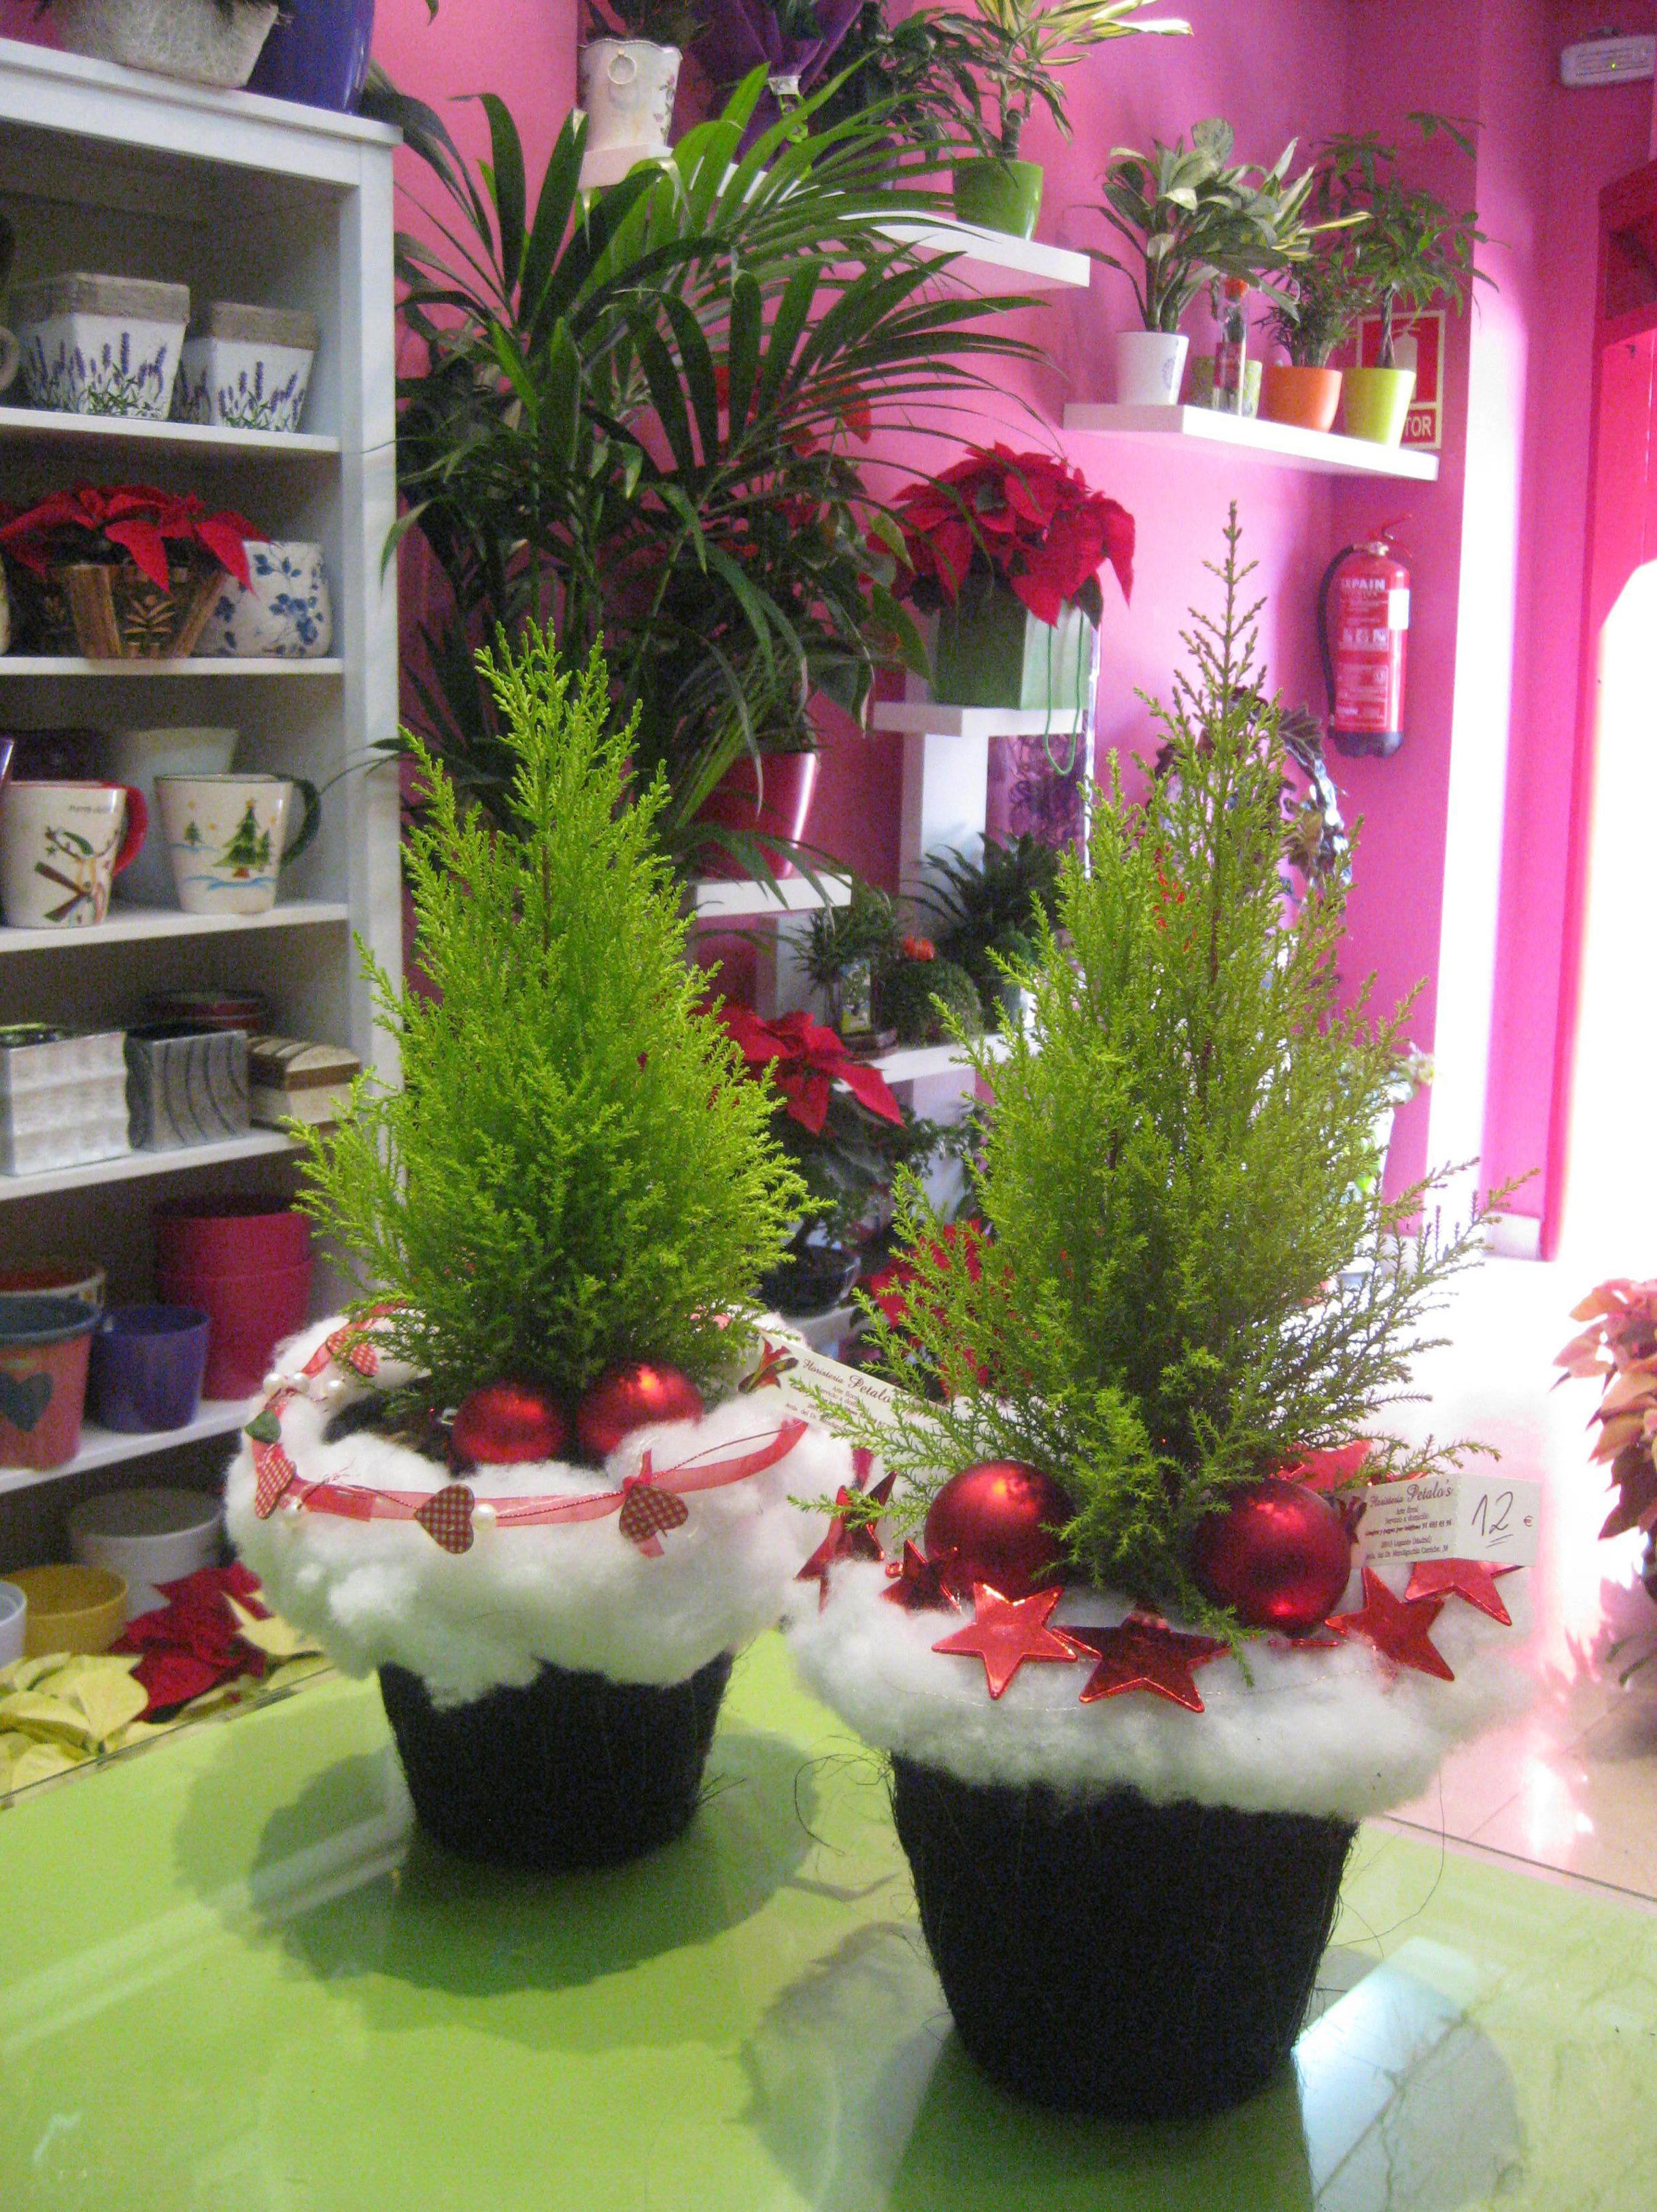 Cupresus: Catálogo de flores y plantas de Floristería Pétalos